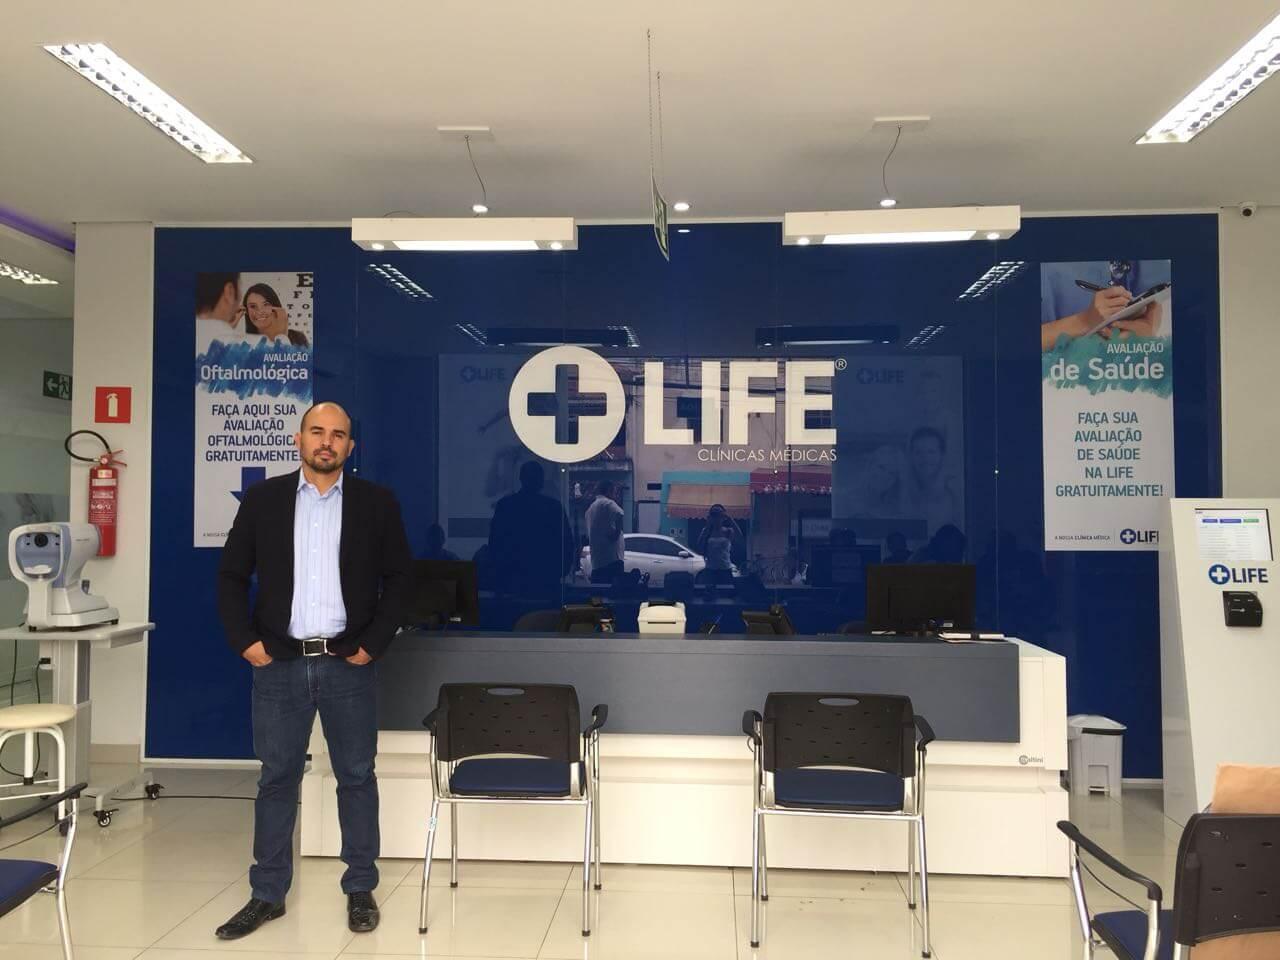 Franquias de clínicas - Life Clínicas